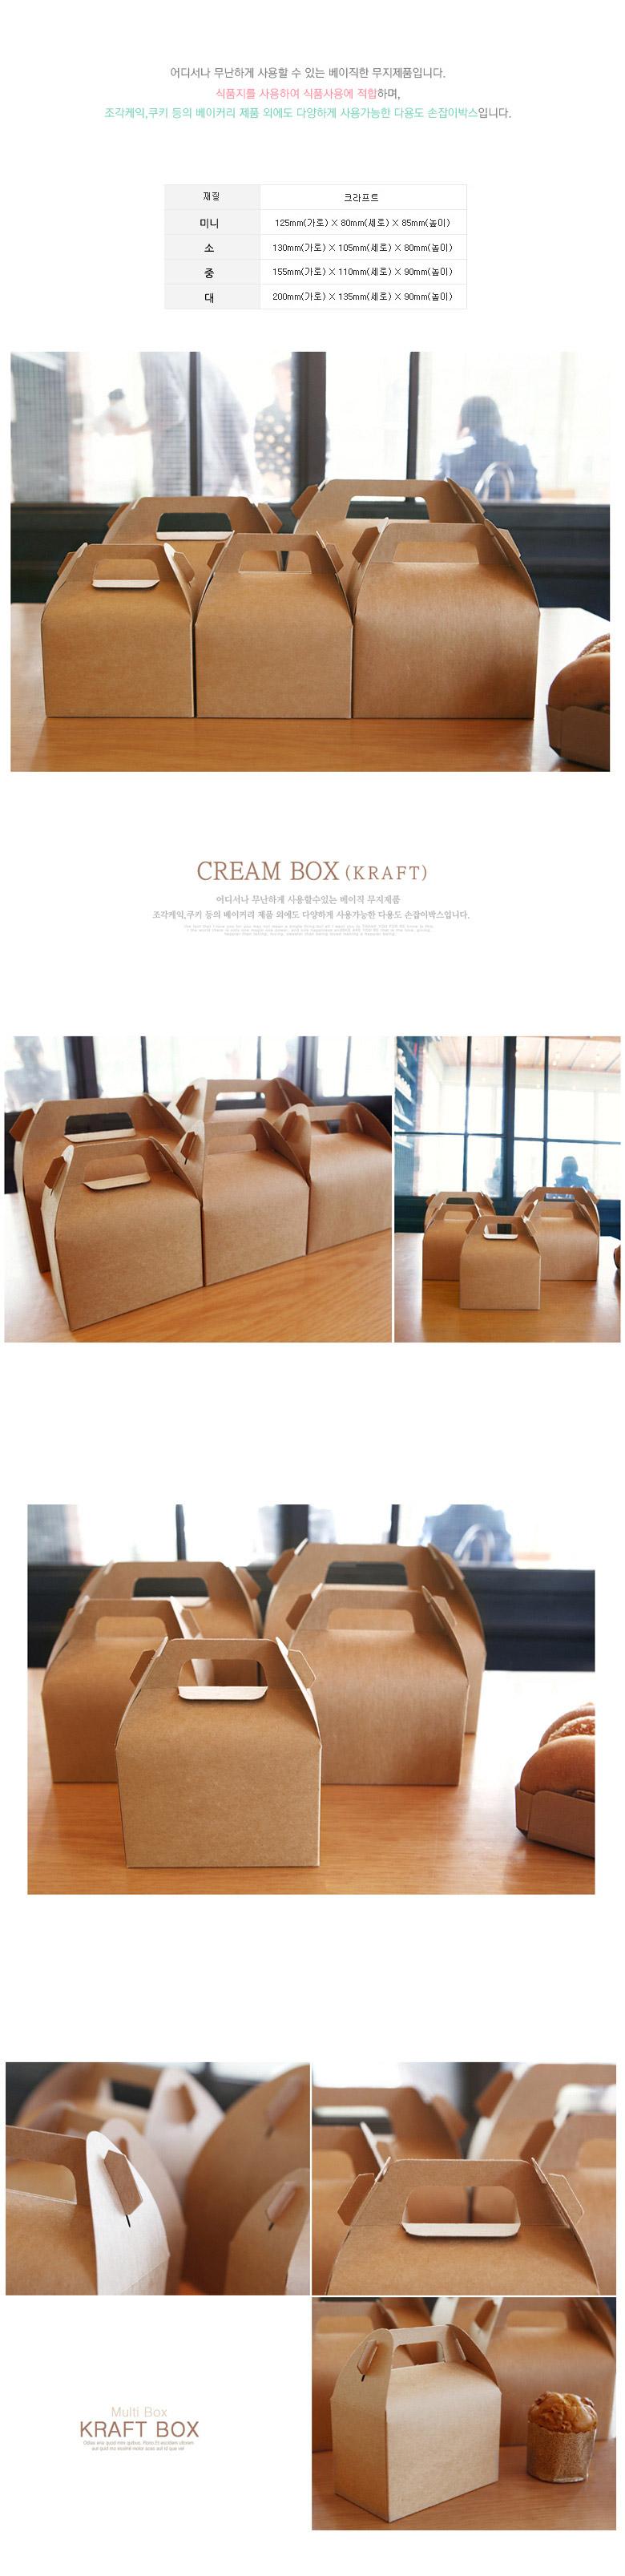 조각케익 돌떡박스 크라프트 - 이홈베이킹, 350원, DIY재료, 포장용구